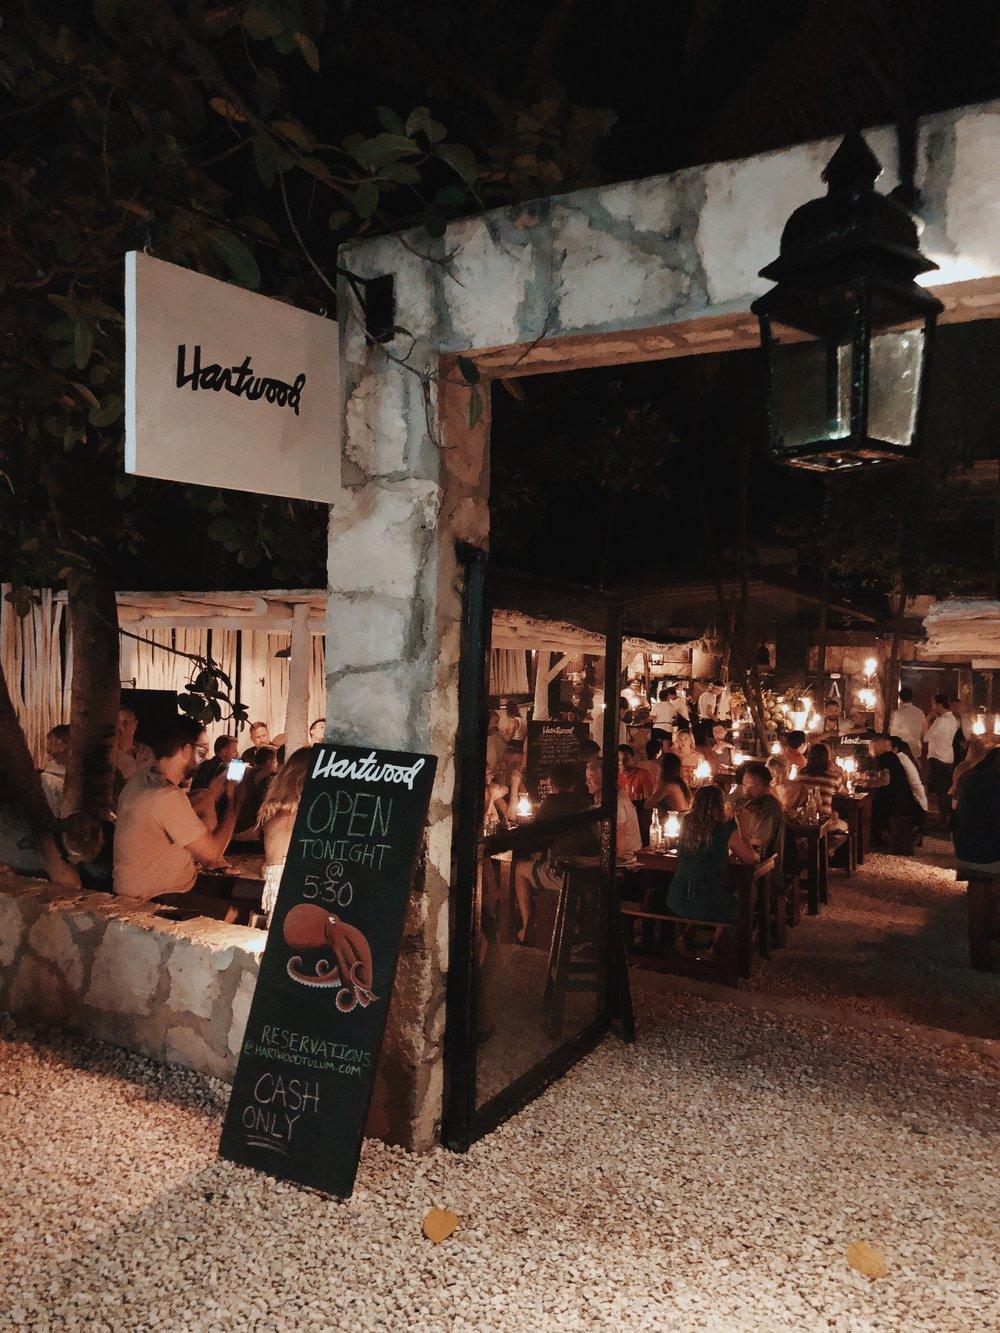 Hartwood Tulum restaurant